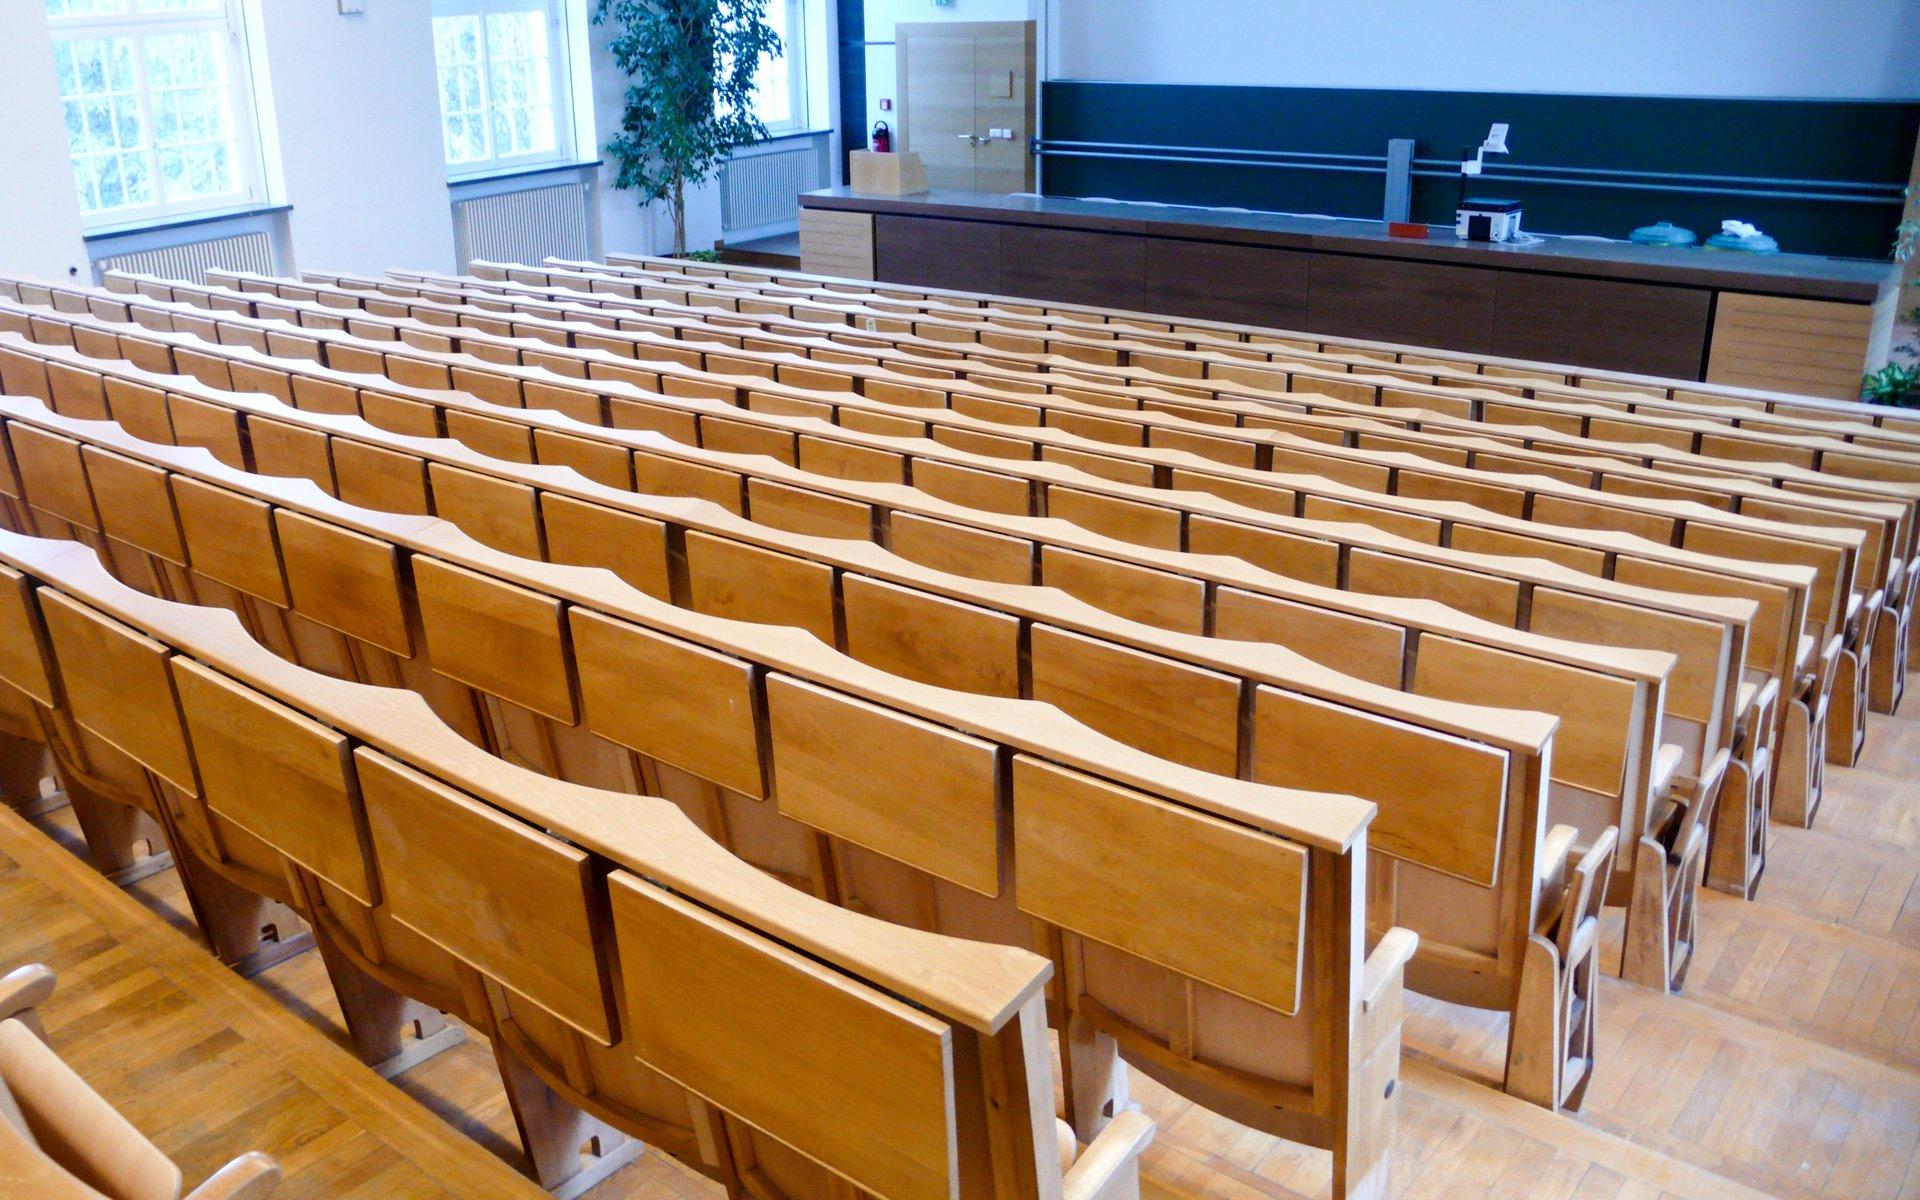 Hörsaalgestühle